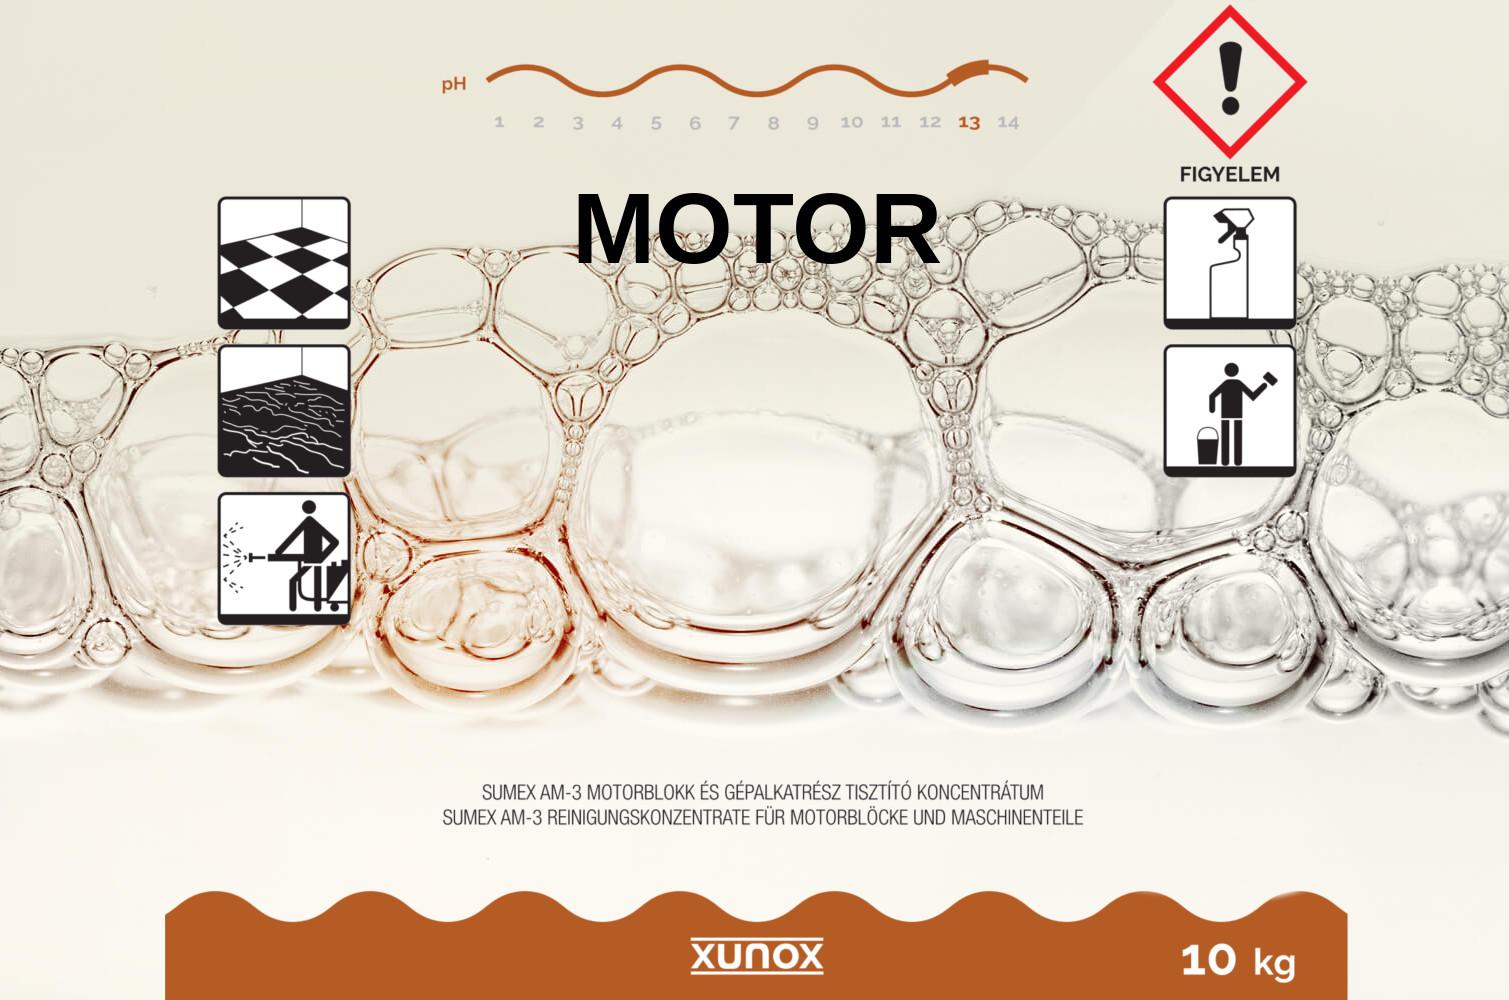 Xunox gépalkatrész tisztítószer koncentrátum